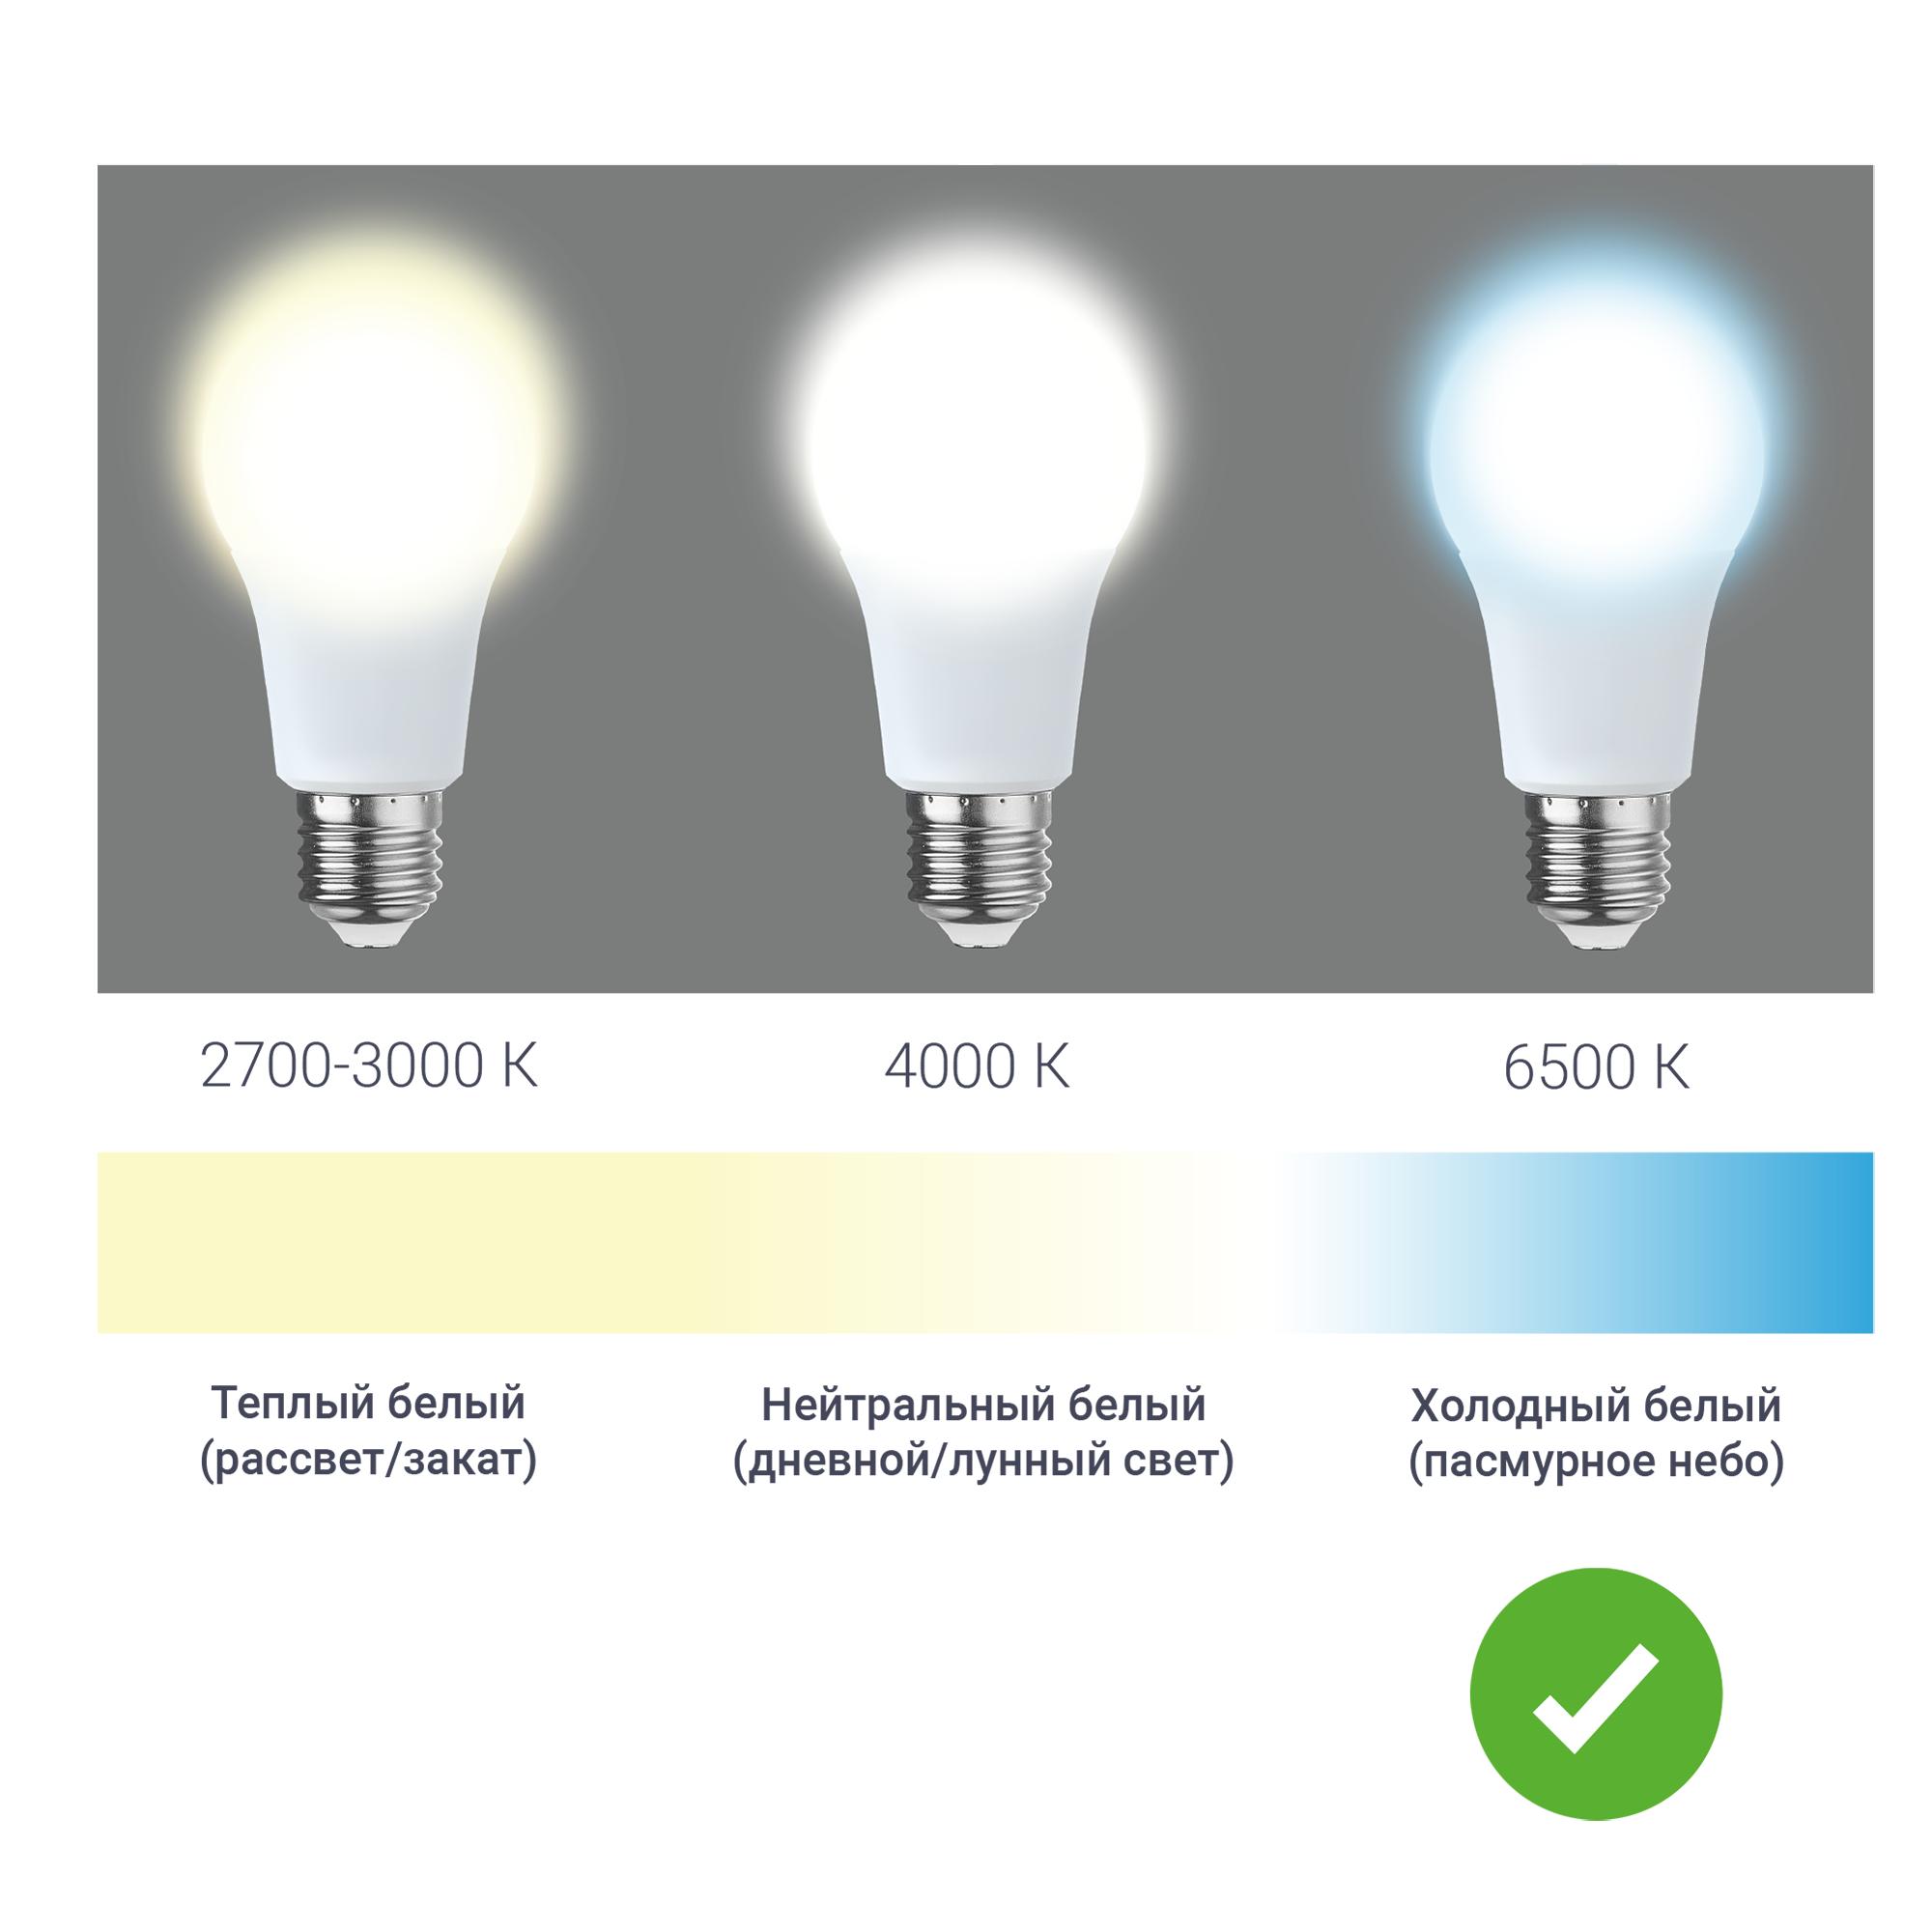 Лампа светодиодная Gauss E27 8 Вт шар матовый 560 лм холодный белый свет